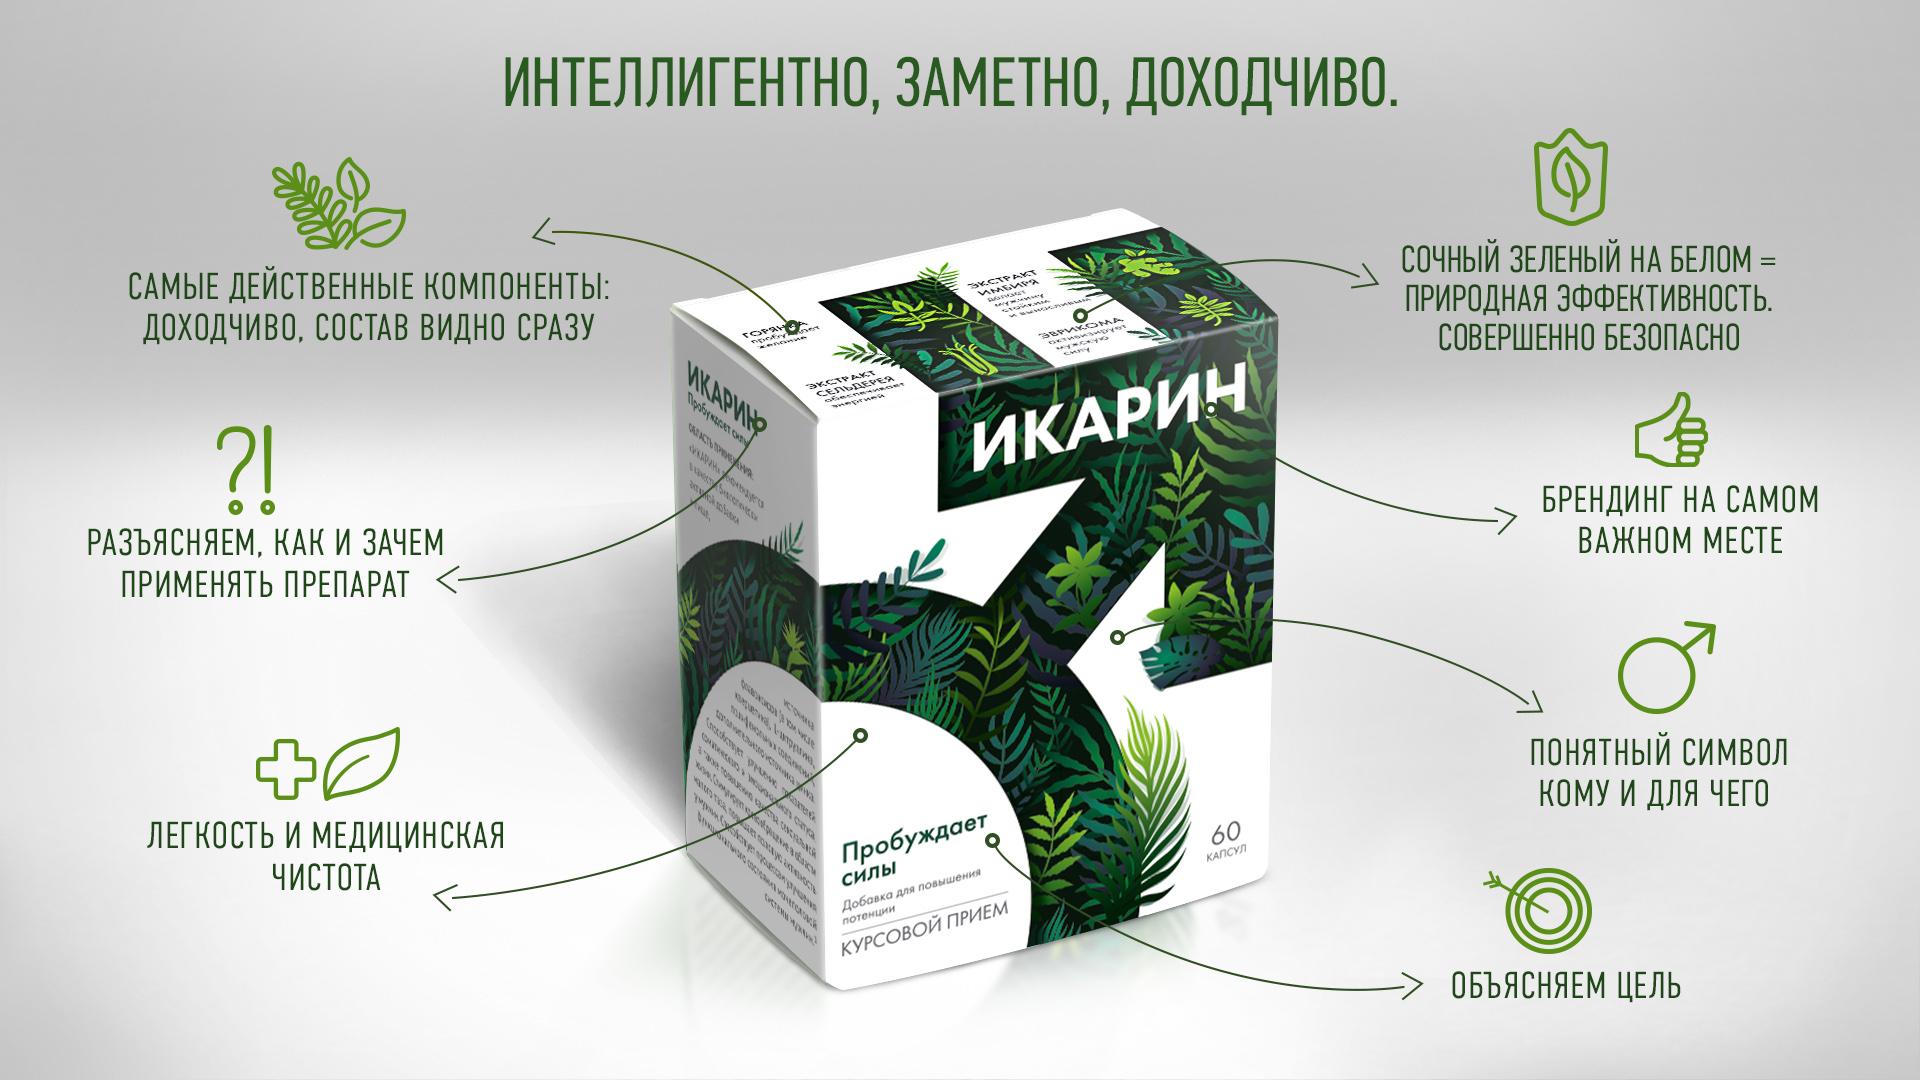 Разработка дизайна упаковки препарата Икарин